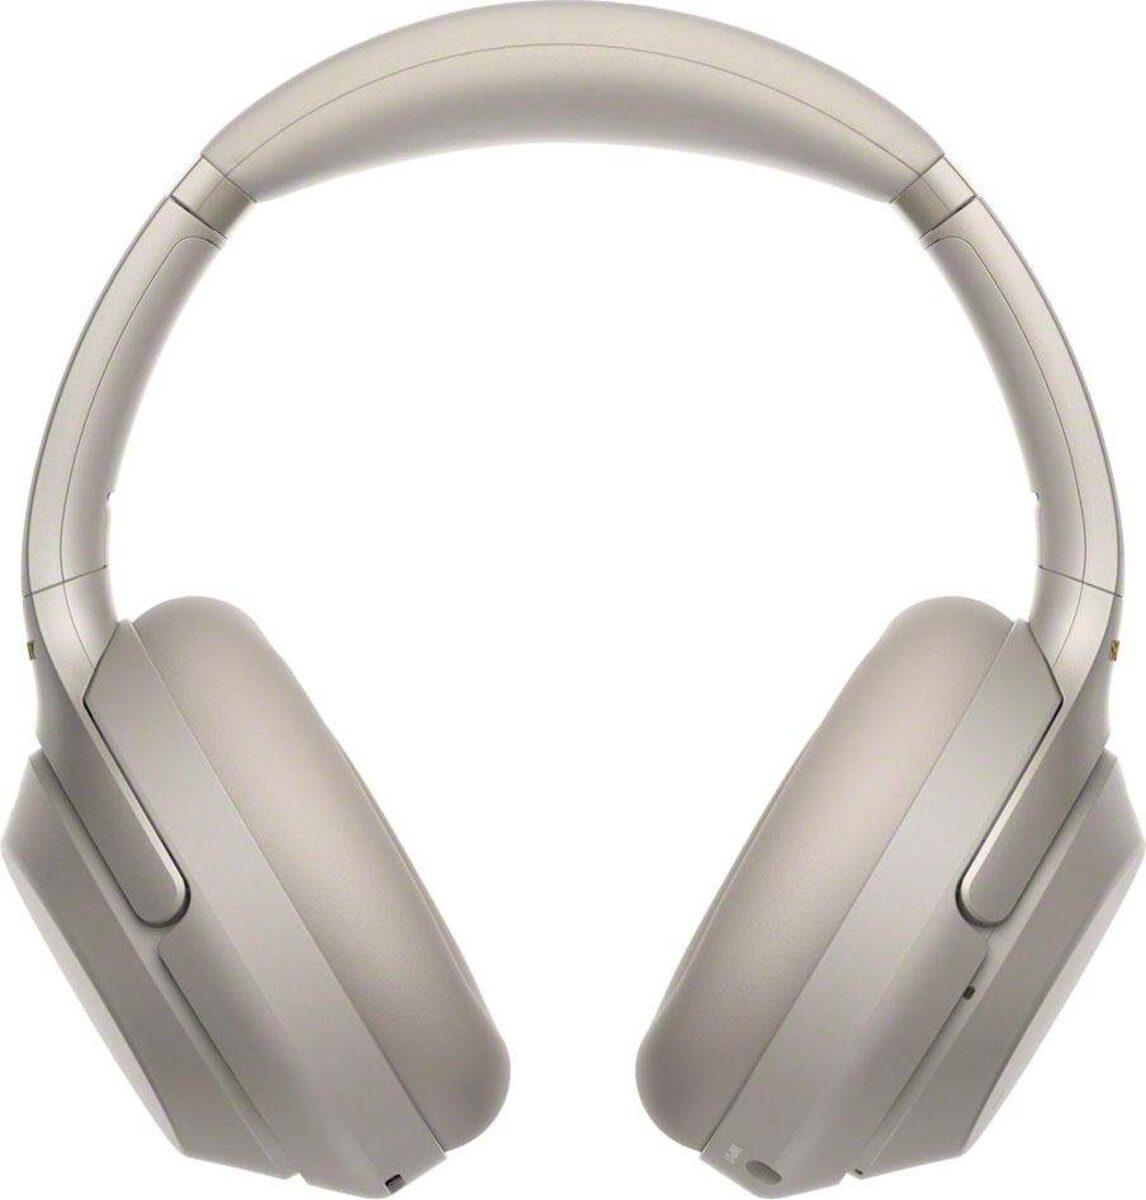 Bild 2 von Sony »WH-1000XM3« Over-Ear-Kopfhörer (Bluetooth, NFC, Headset mit Mikrofon, Touch Sensor, Schnellladefunktion)